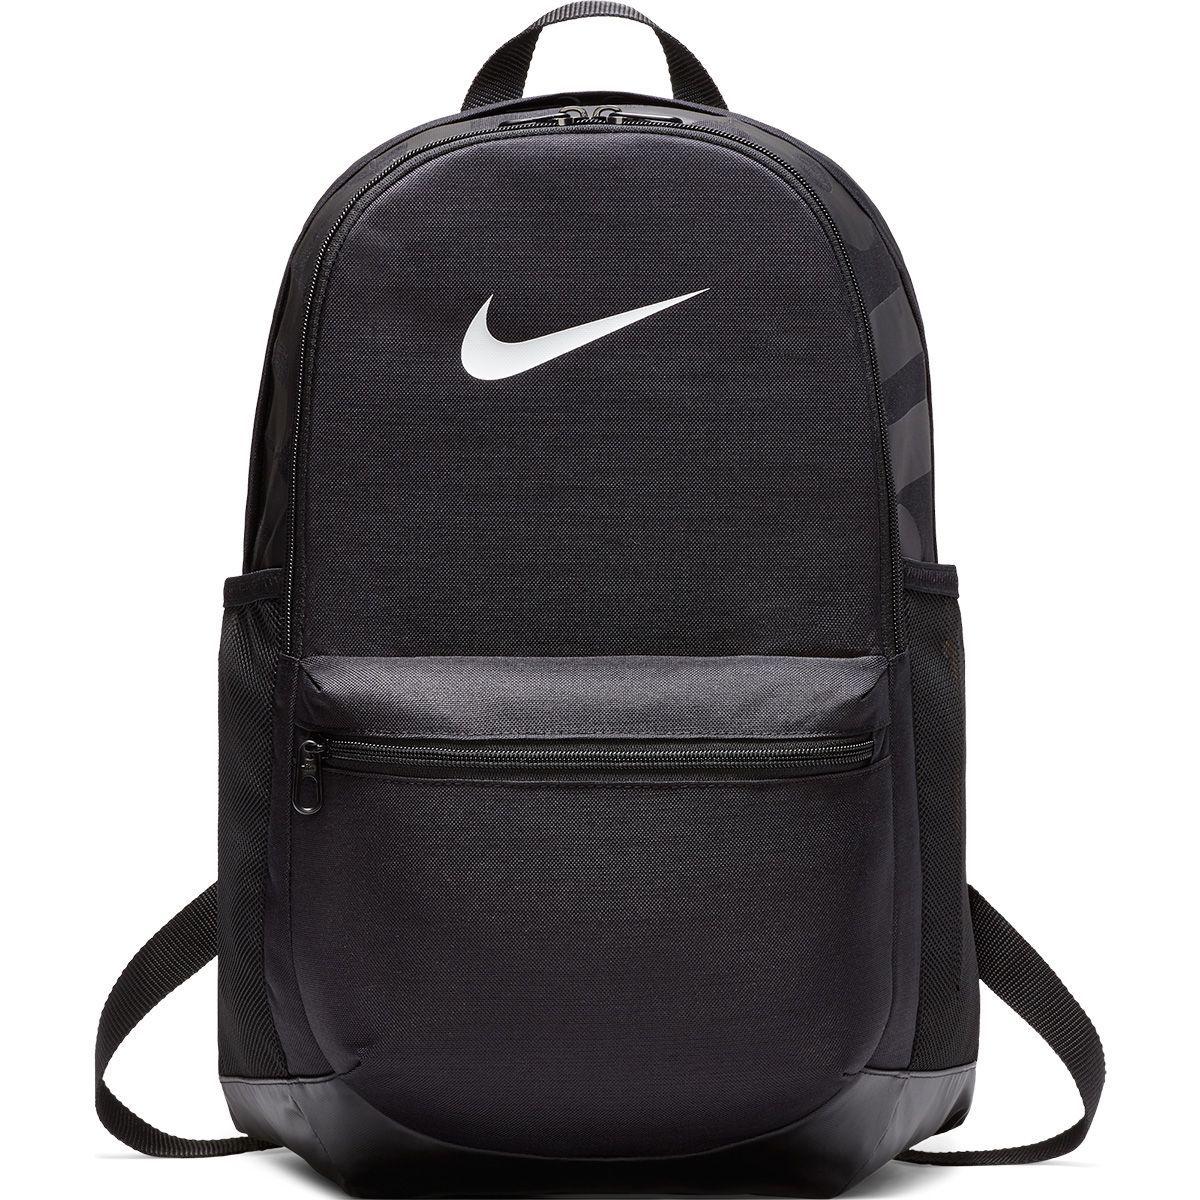 43c52edb4 Mochila Nike Original Nova com Etiqueta | Bolsa Masculina Nike Nunca Usado  33403036 | enjoei